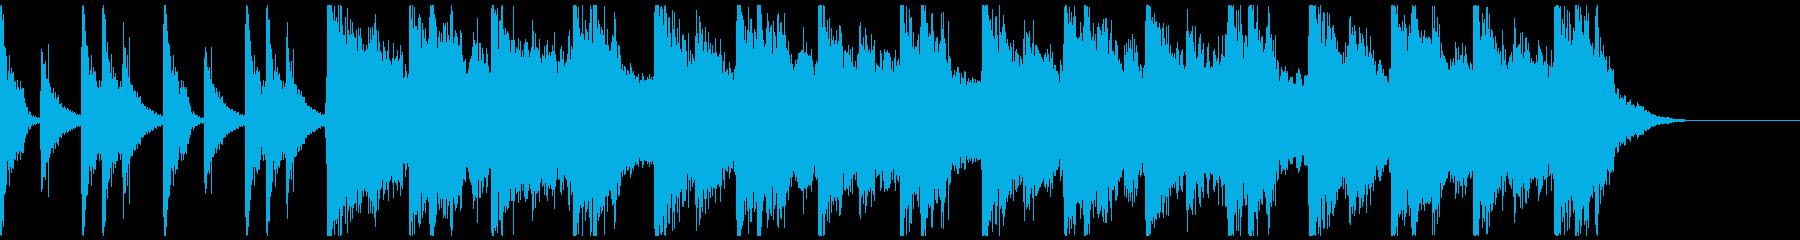 勇壮クラップ&ストンプのロック/30秒の再生済みの波形